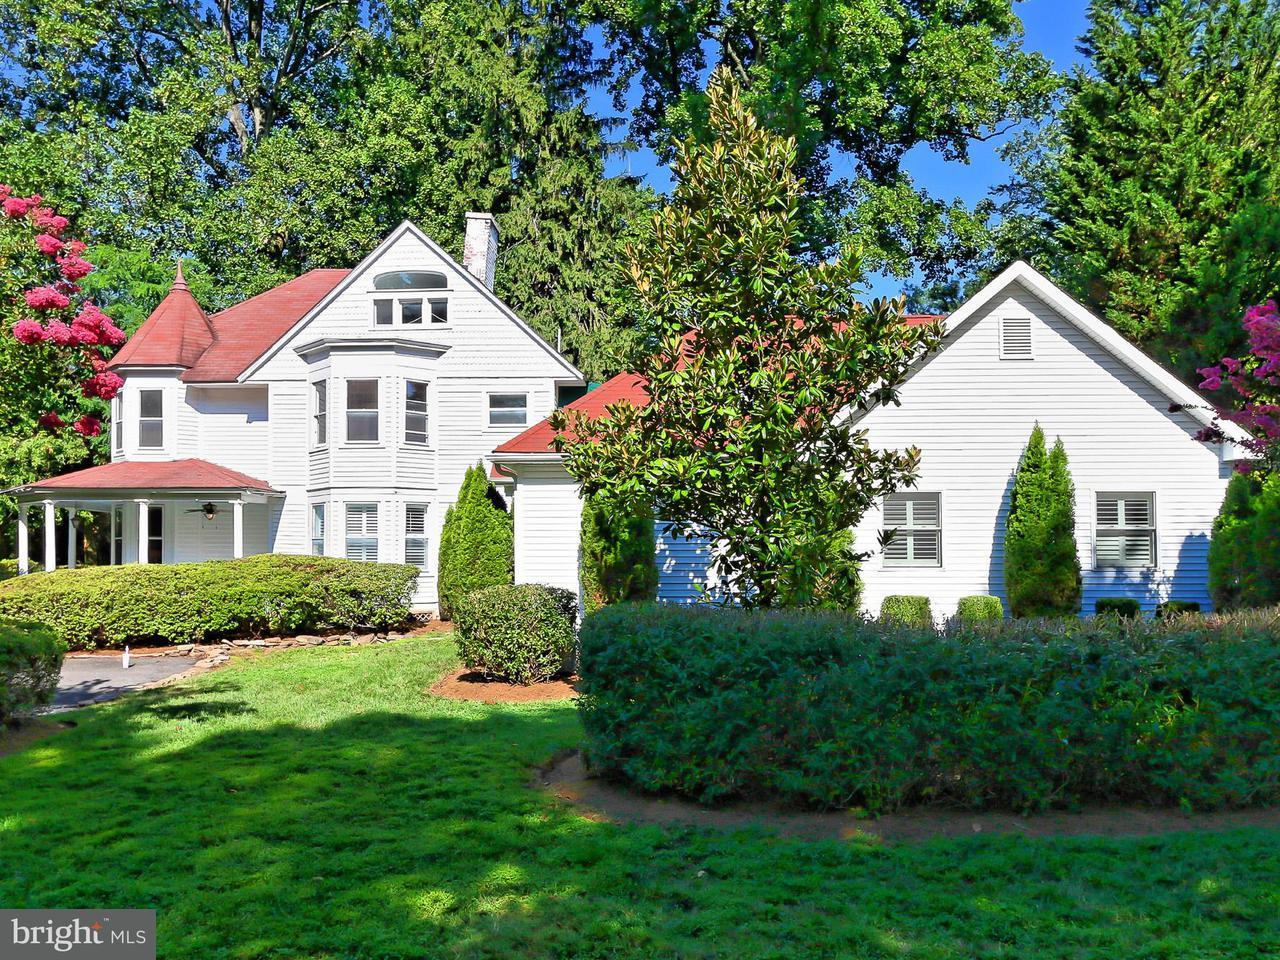 Μονοκατοικία για την Πώληση στο 2420 Sandburg Street 2420 Sandburg Street Dunn Loring, Βιρτζινια 22027 Ηνωμενεσ Πολιτειεσ